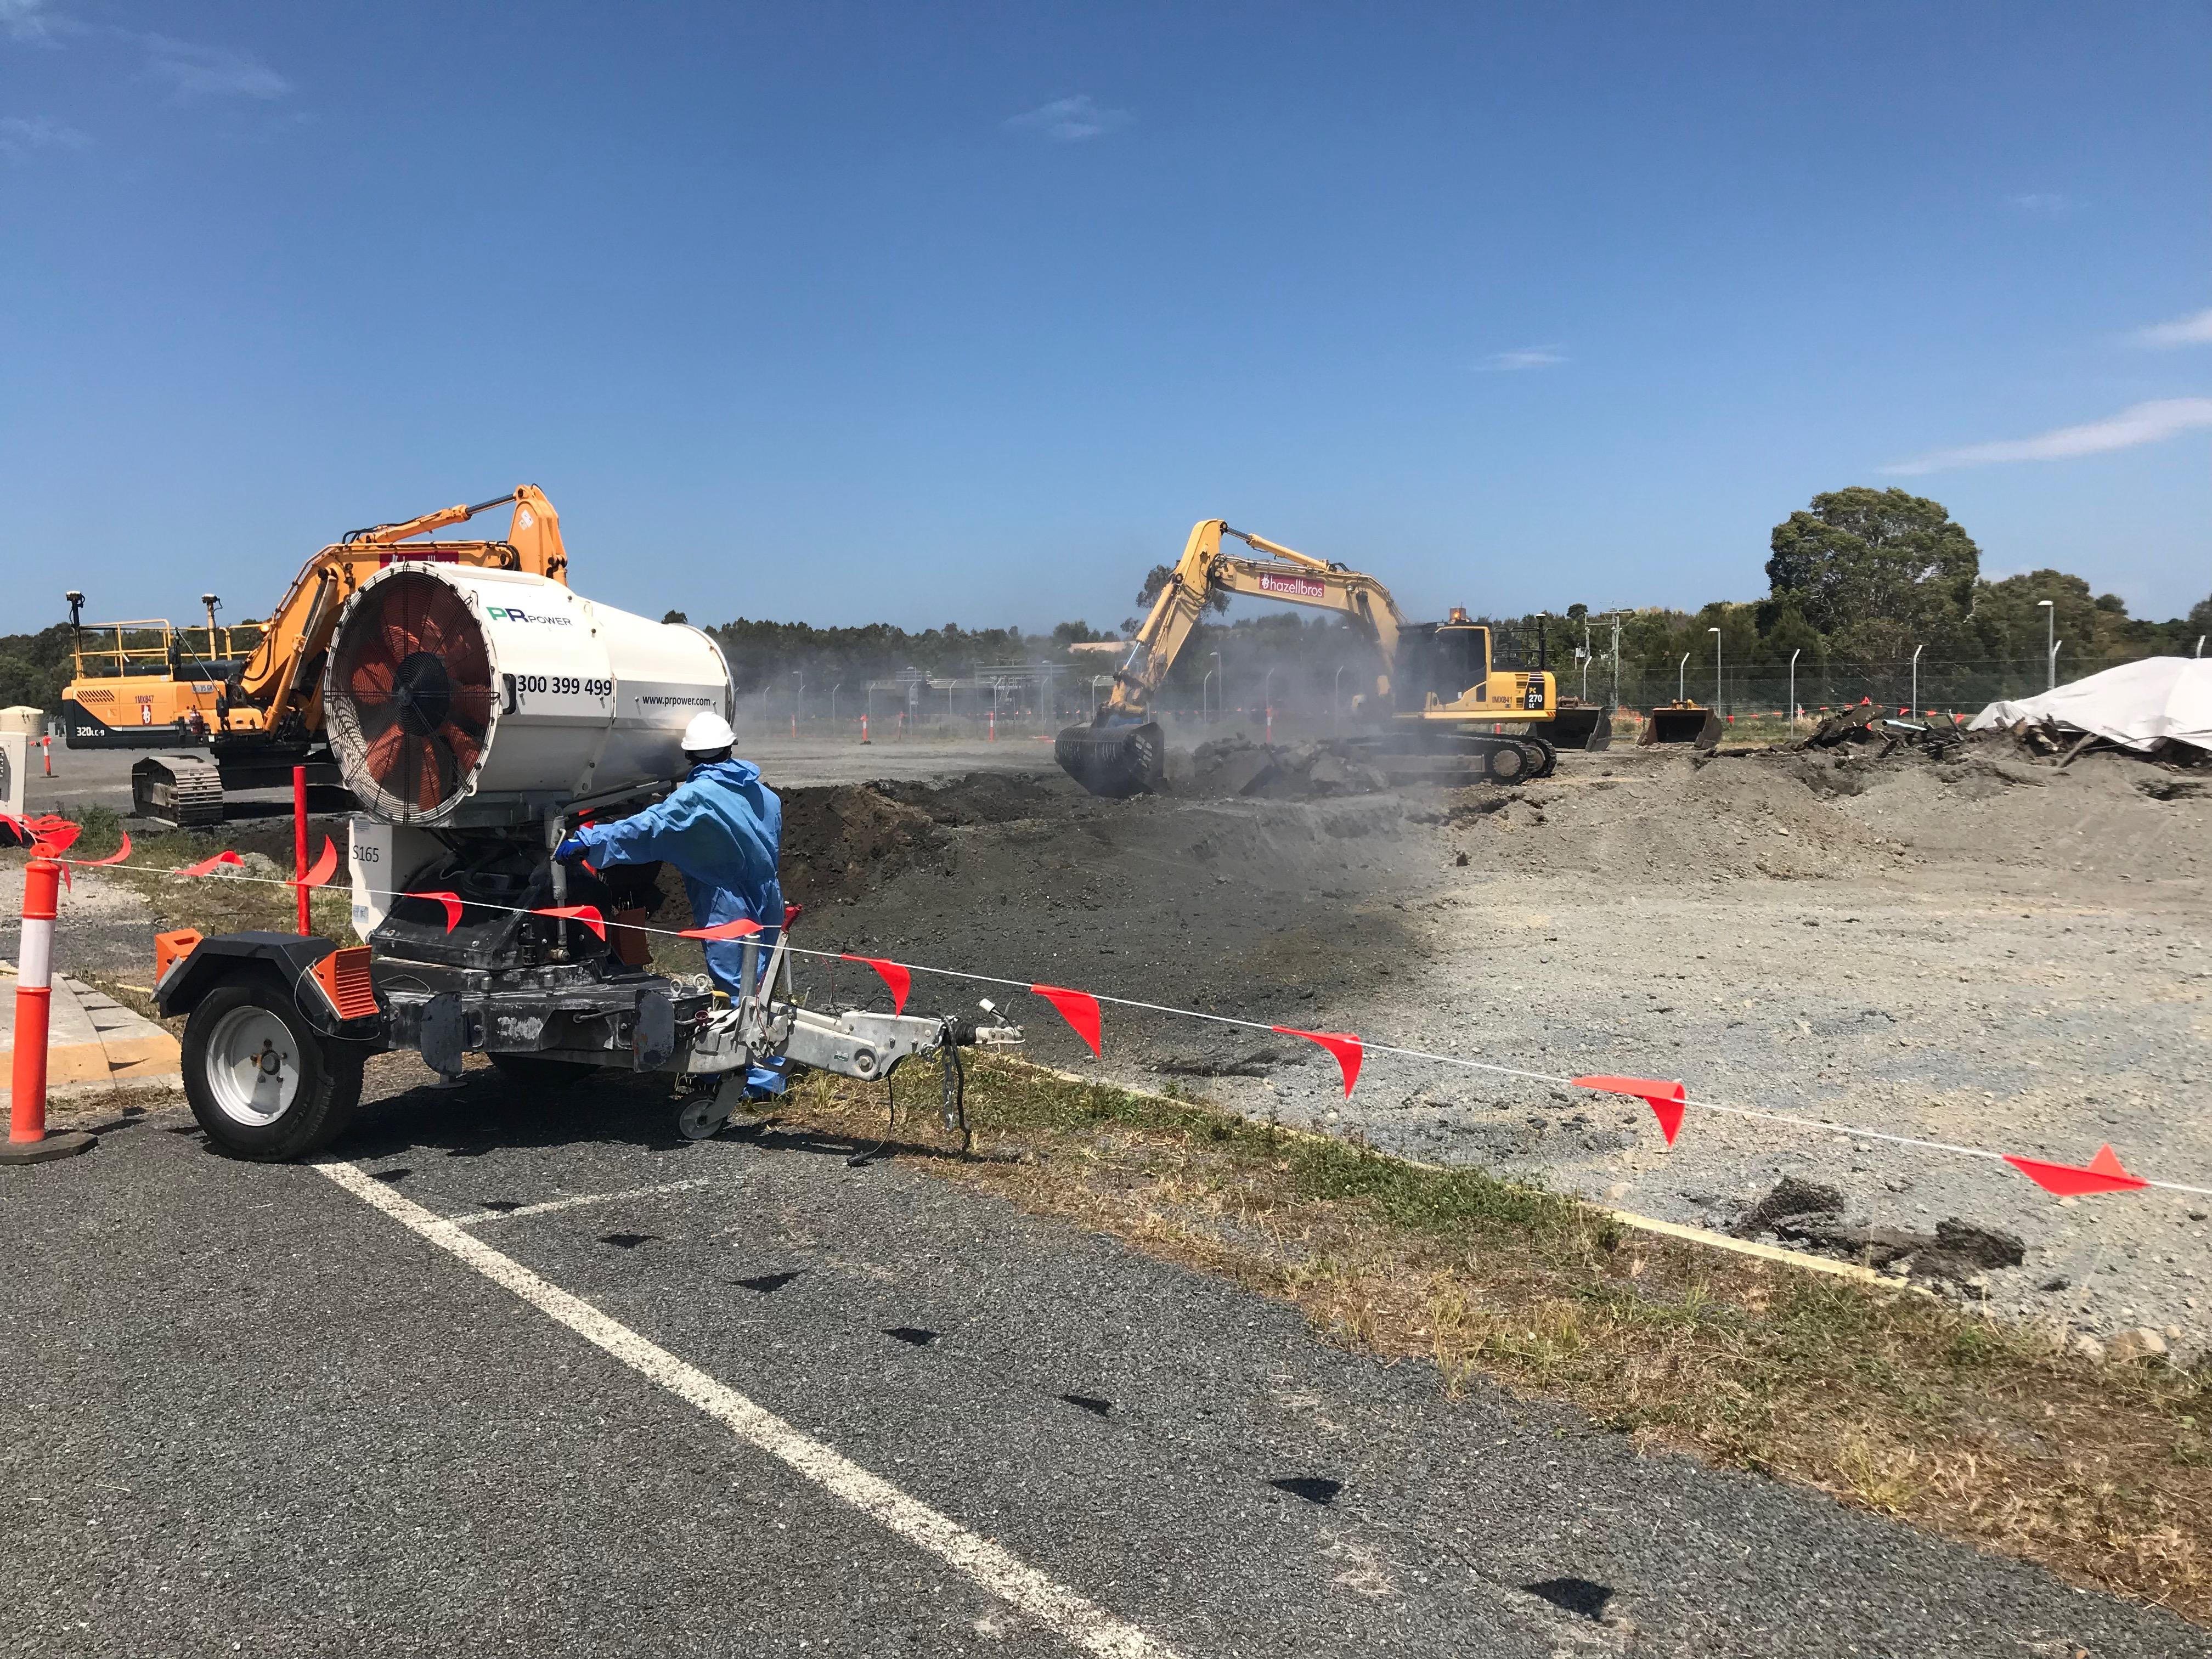 66c452 46c1d8b1f7ce45fd807c39d1e81ac1ce~mv2 d 4032 3024 s 4 2 - Case study 23000 cubic meters asbestos impacted soil removal .